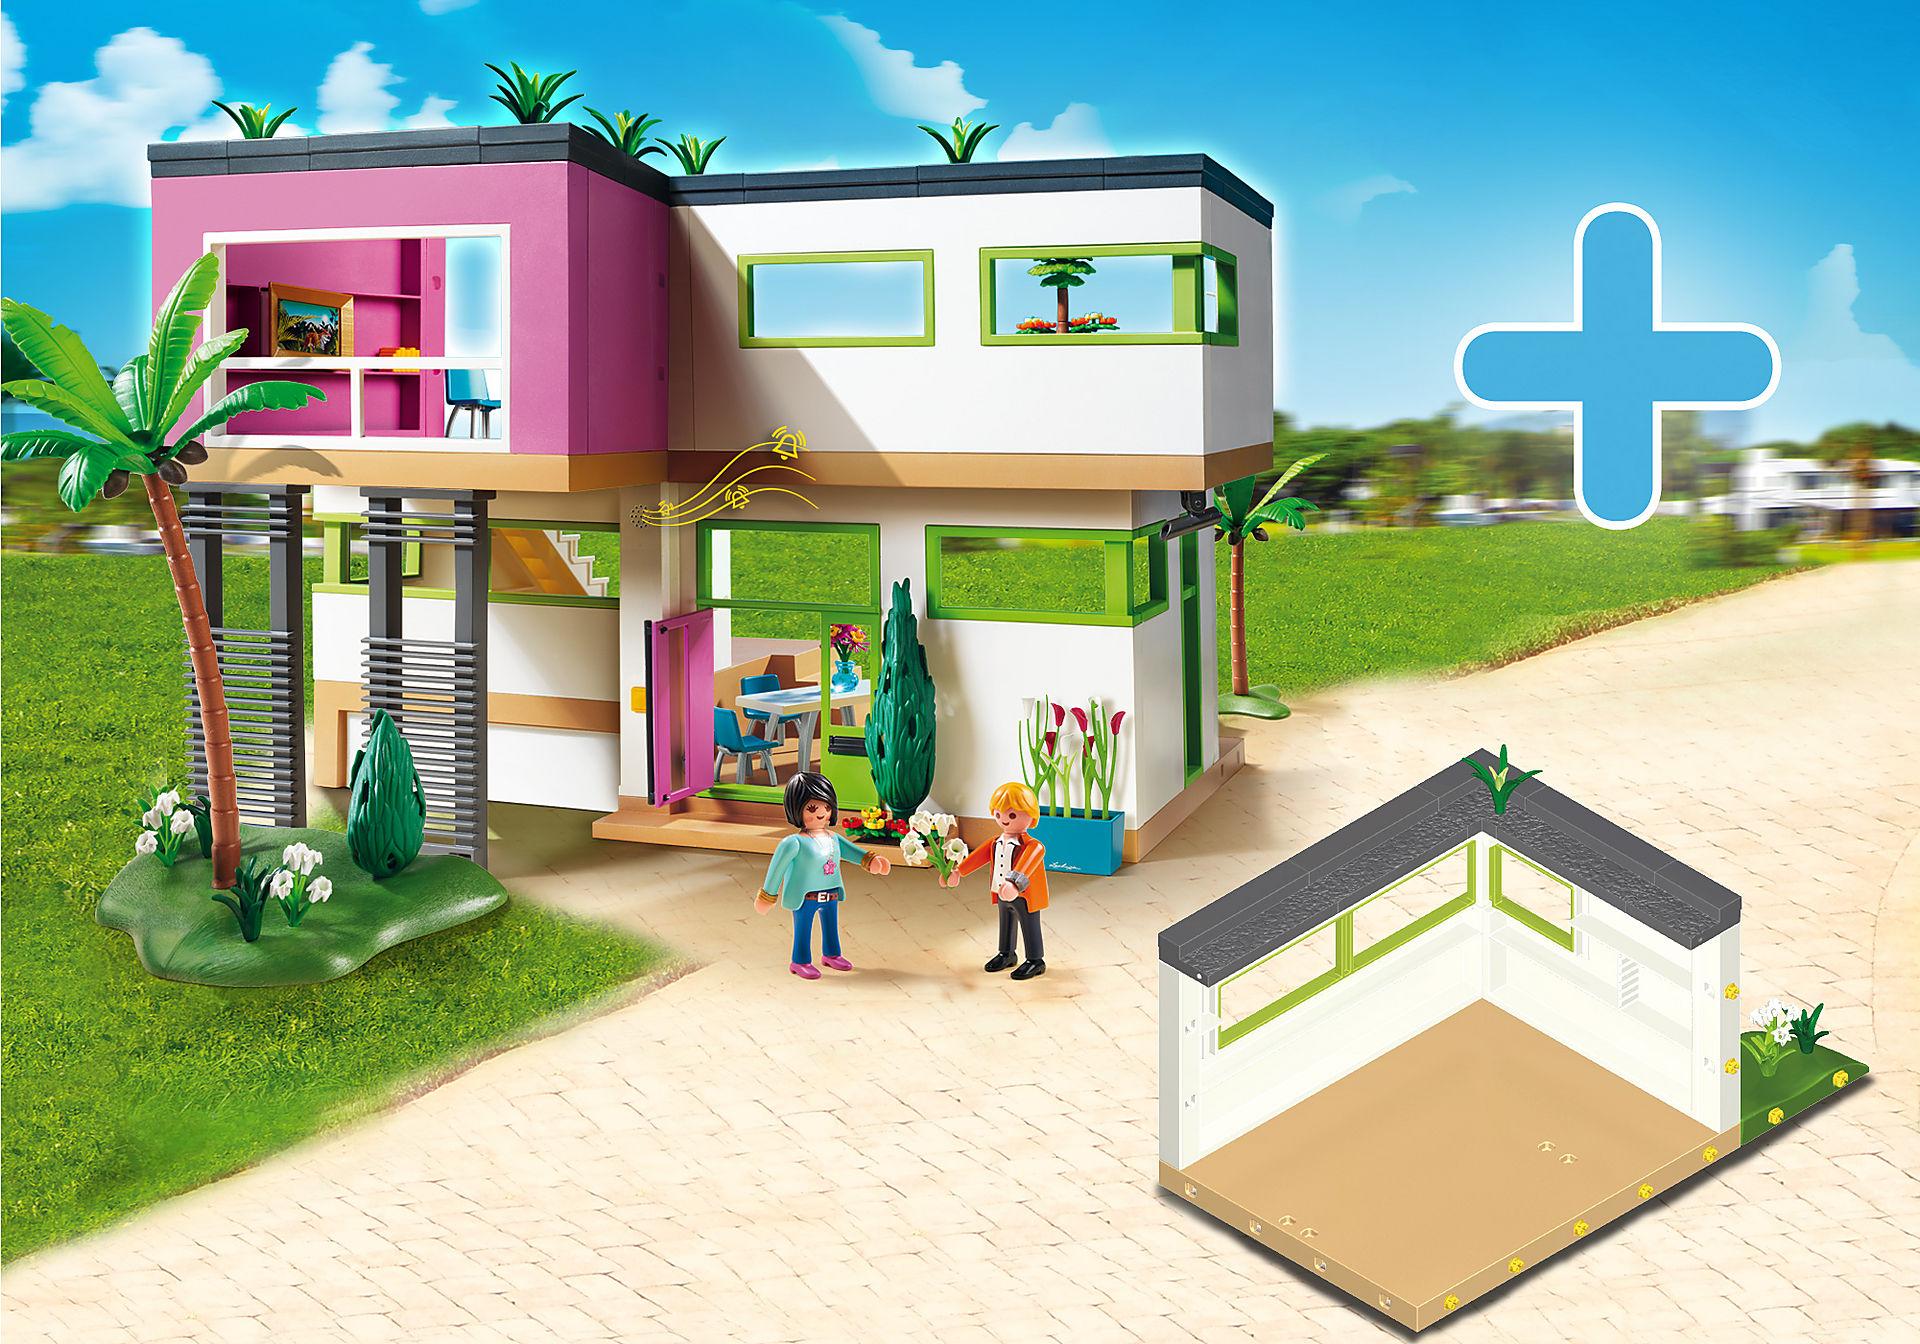 http://media.playmobil.com/i/playmobil/PM1905K_product_detail/5574 Maison moderne + 6389 Pièce supplémentaire pour maison moderne